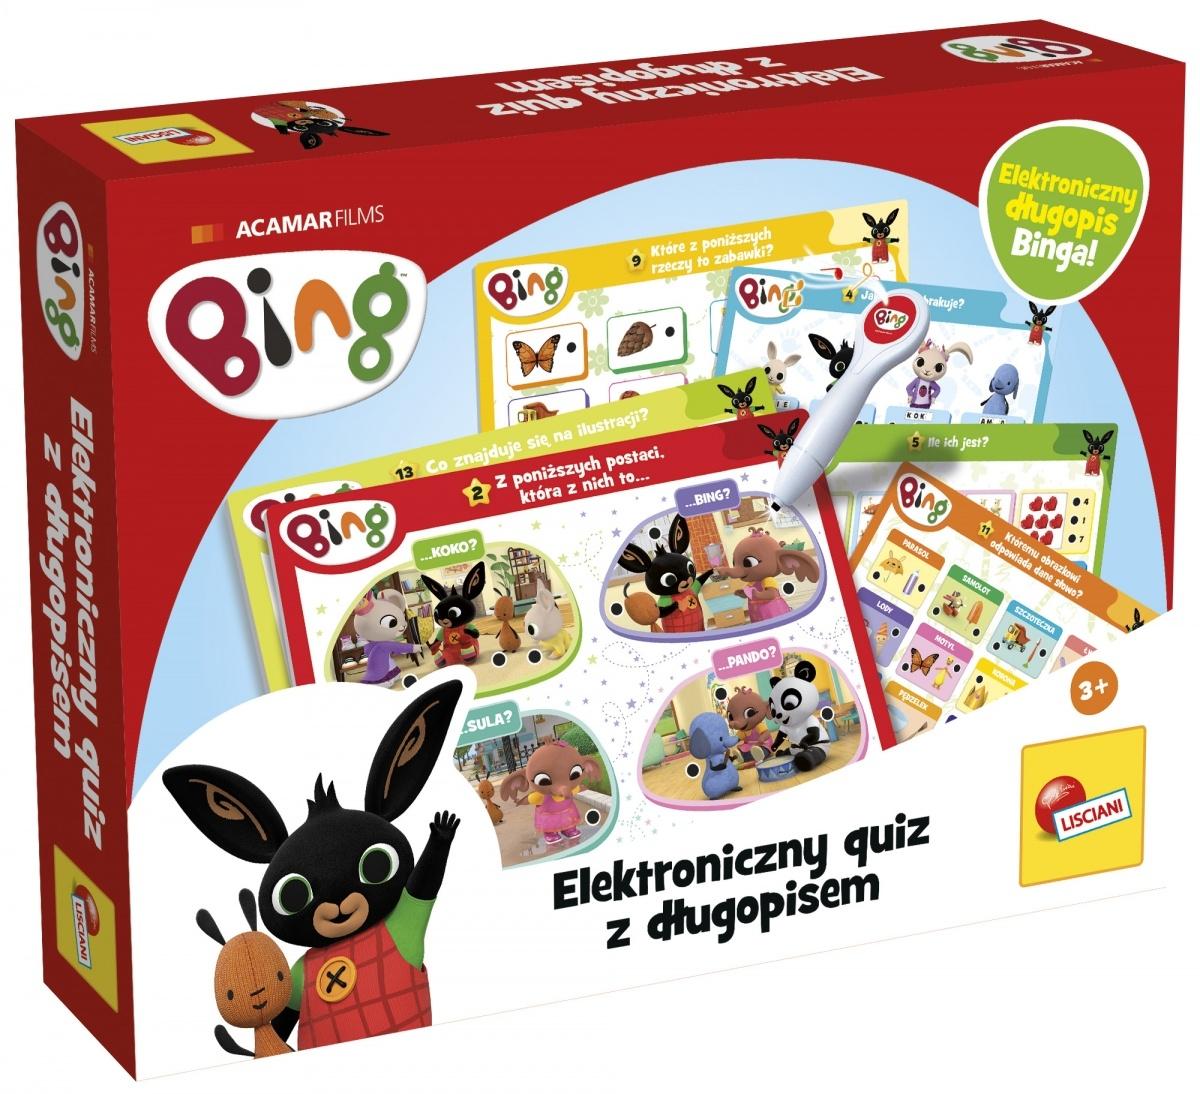 Bing - Elektroniczny quiz z długopisem (304-PL7687)